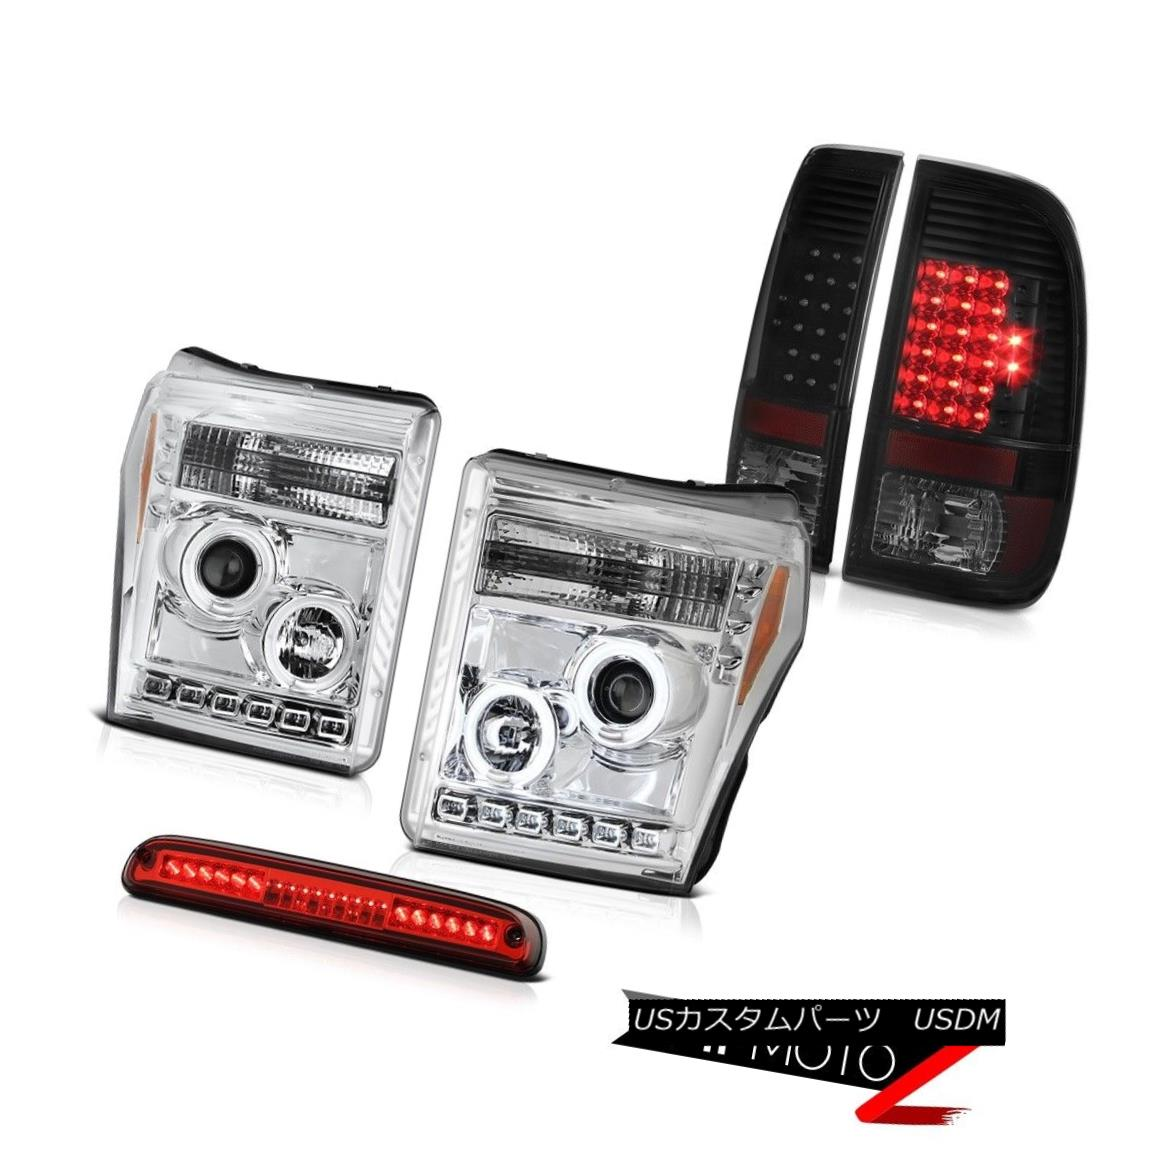 ヘッドライト 11-16 F350 Xlt Red Clear Roof Cab Light Tail Lights Euro Projector Headlights 11-16 F350 Xltレッドクリアキャビネットライトテールライトユーロプロジェクターヘッドライト